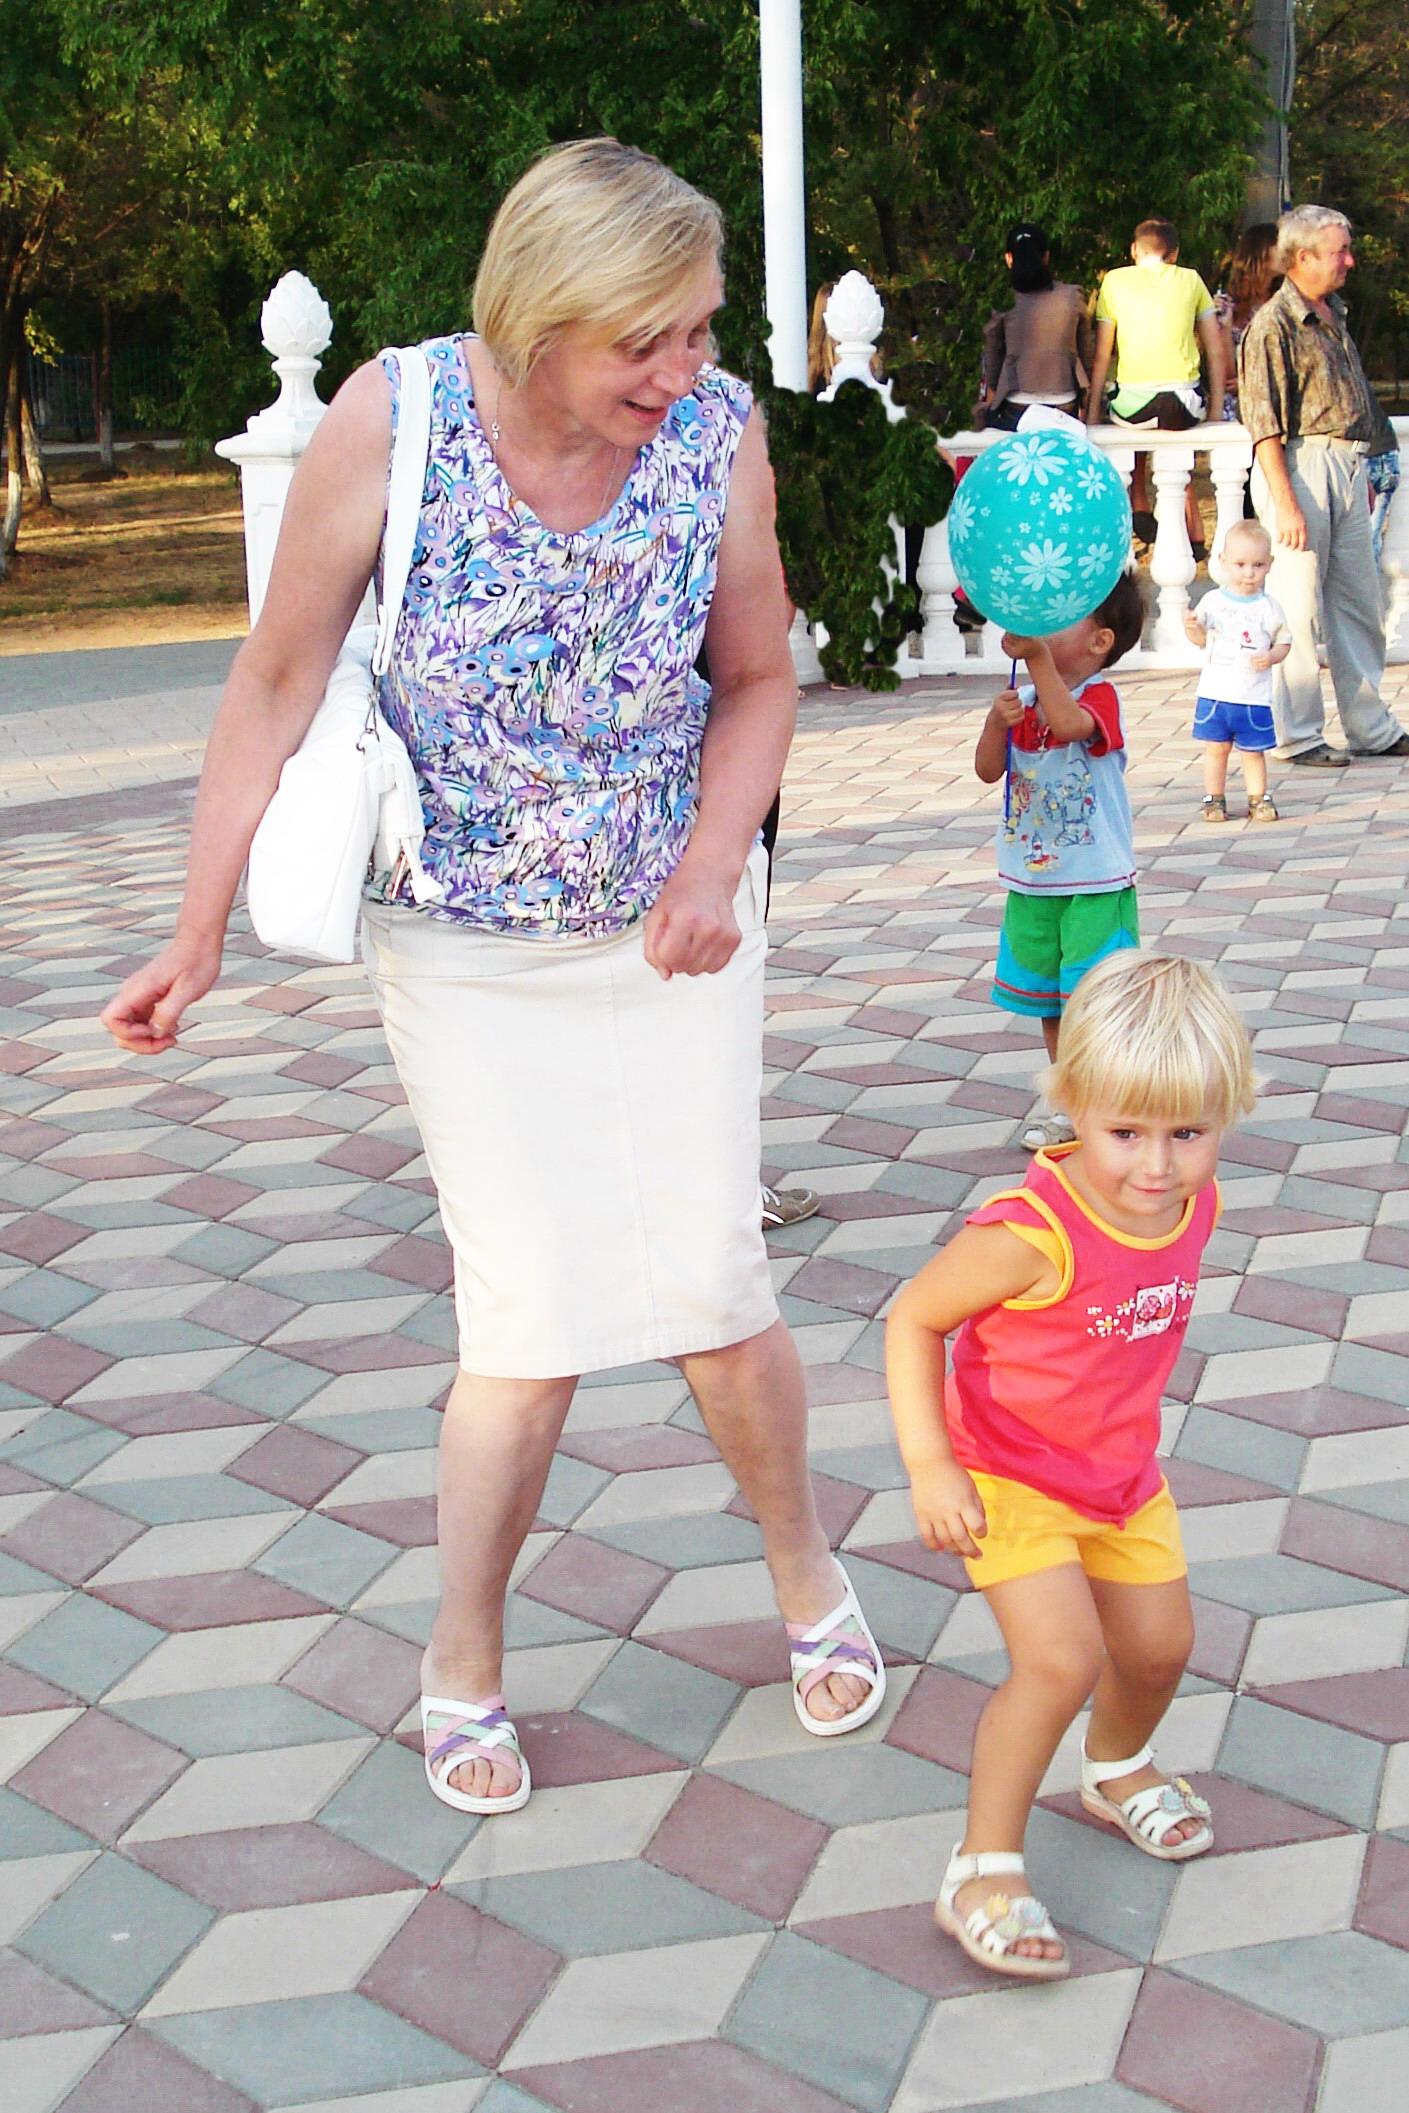 Зажигаем с внучкой)). Танцуй, пока молодой!